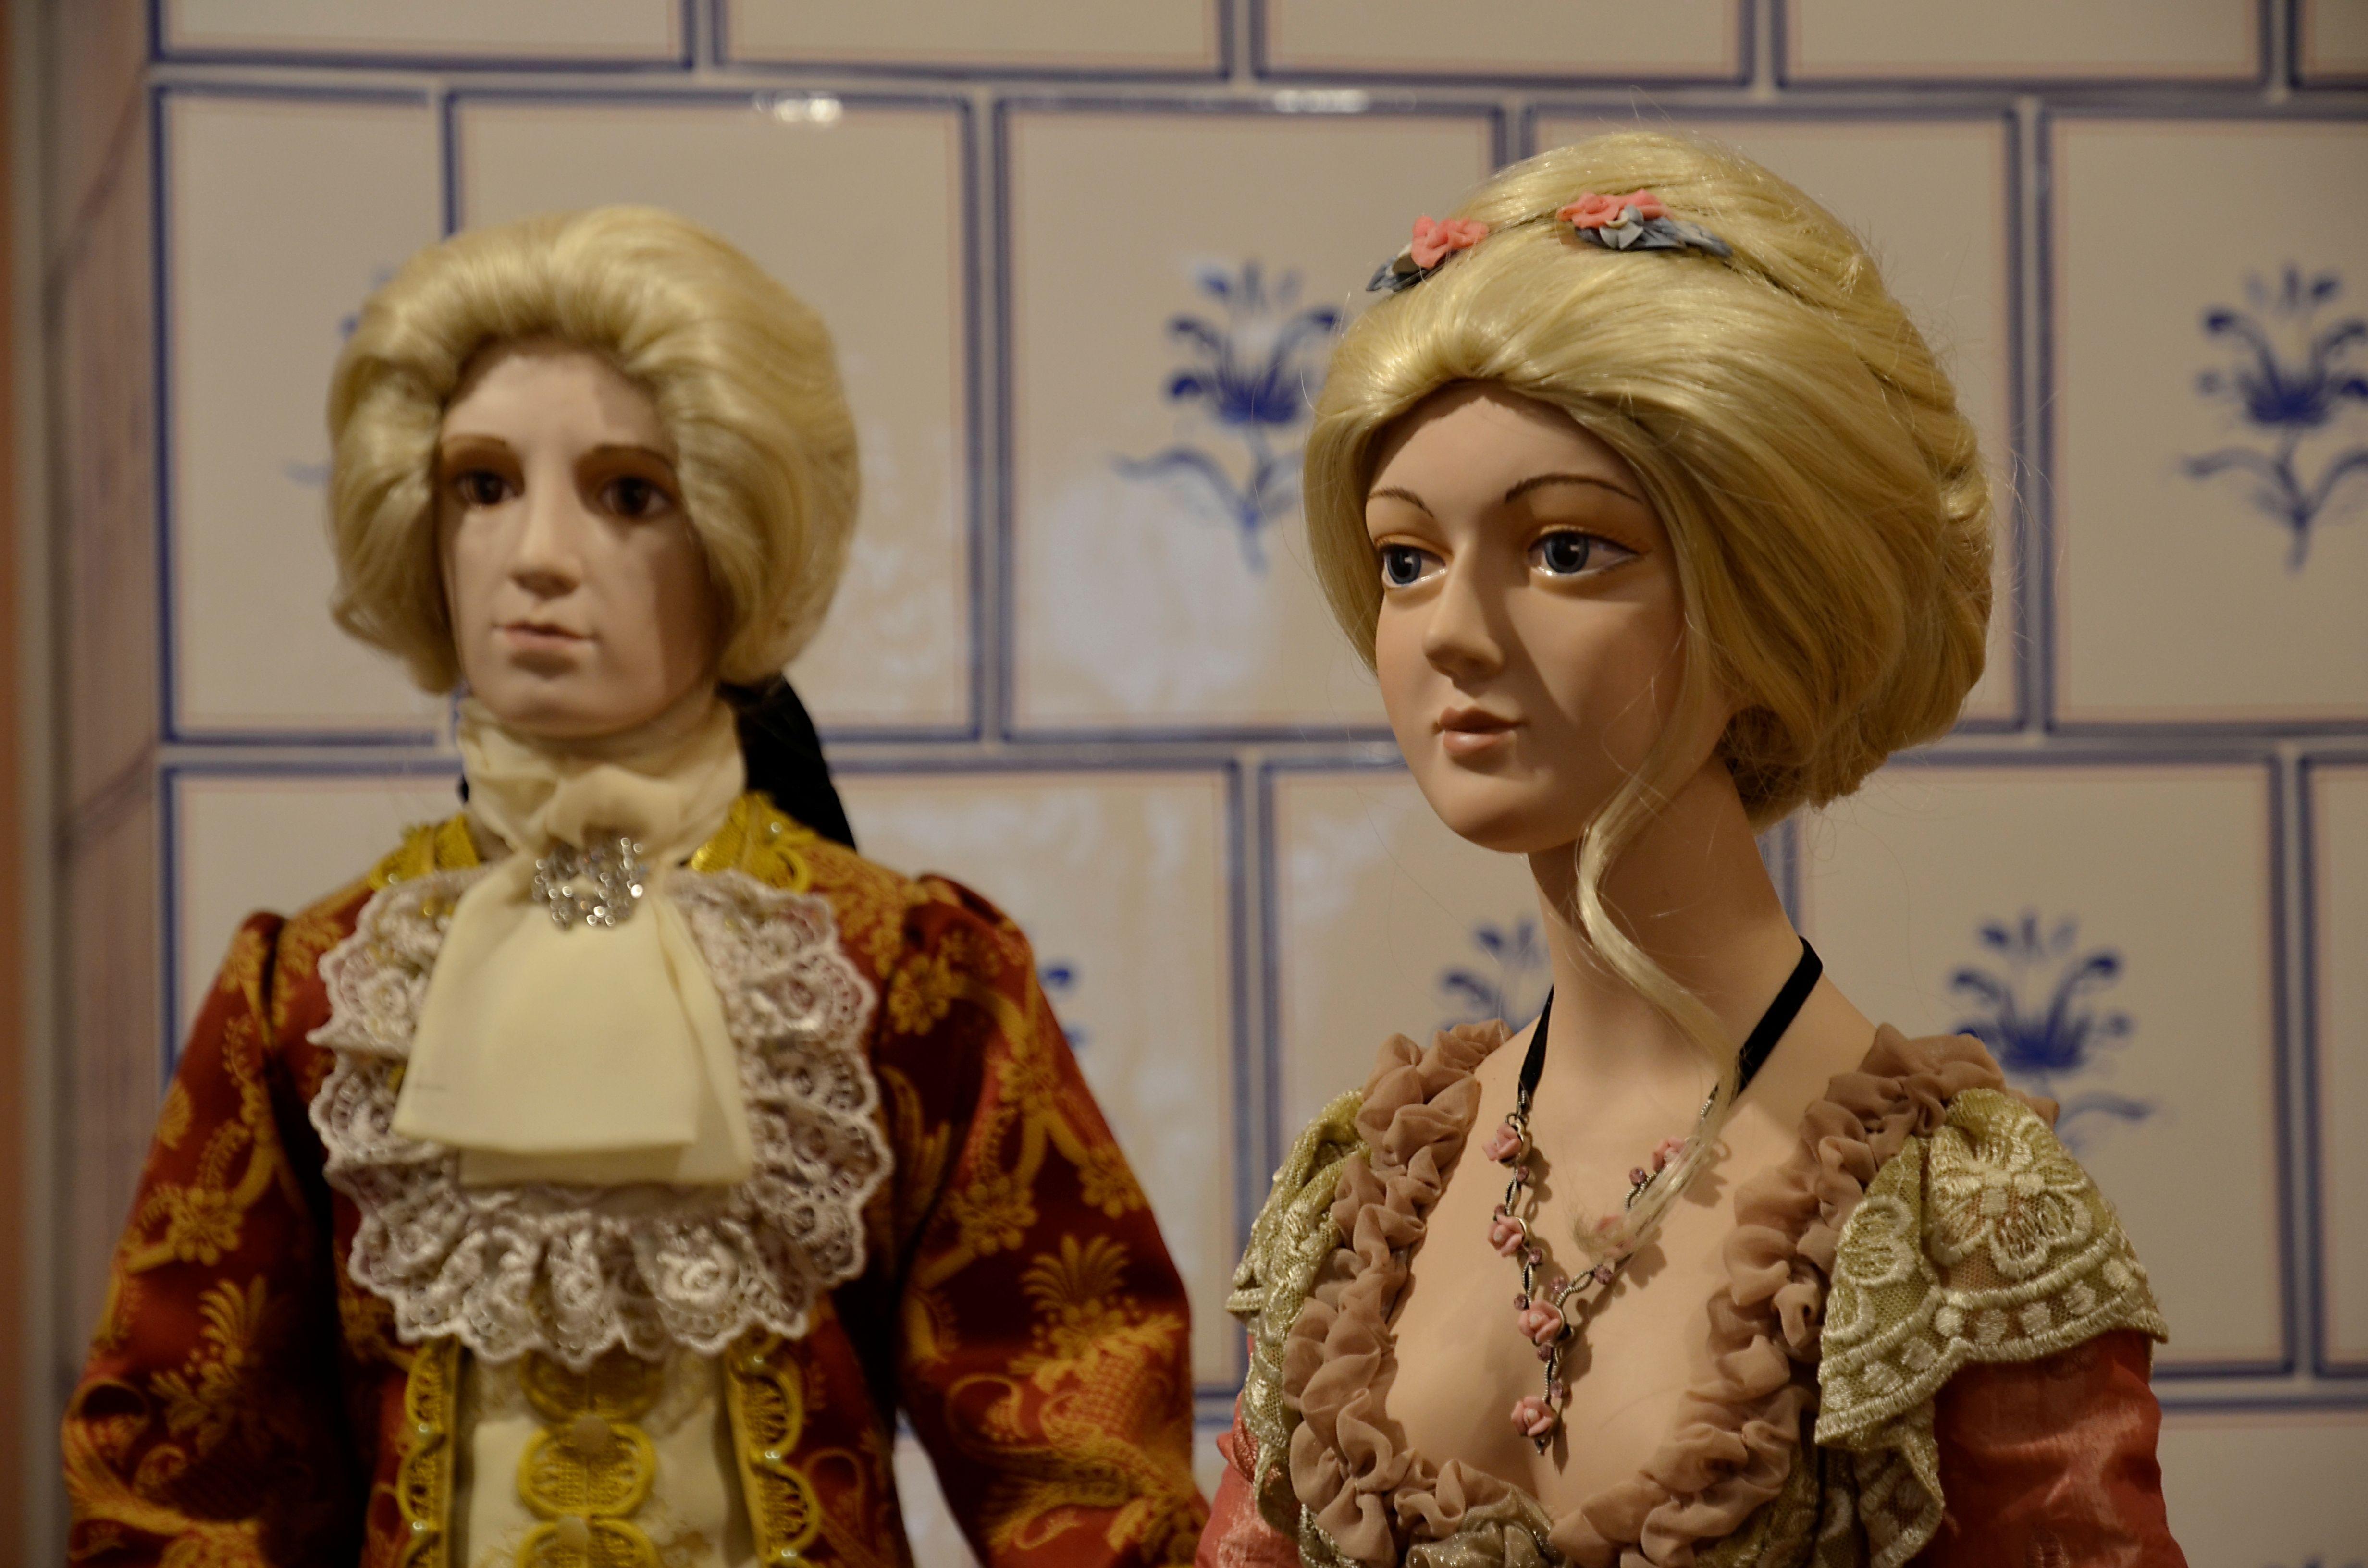 Созерцая — познавай: предпоказ выставки фарфоровых кукол прошел в Рязановском